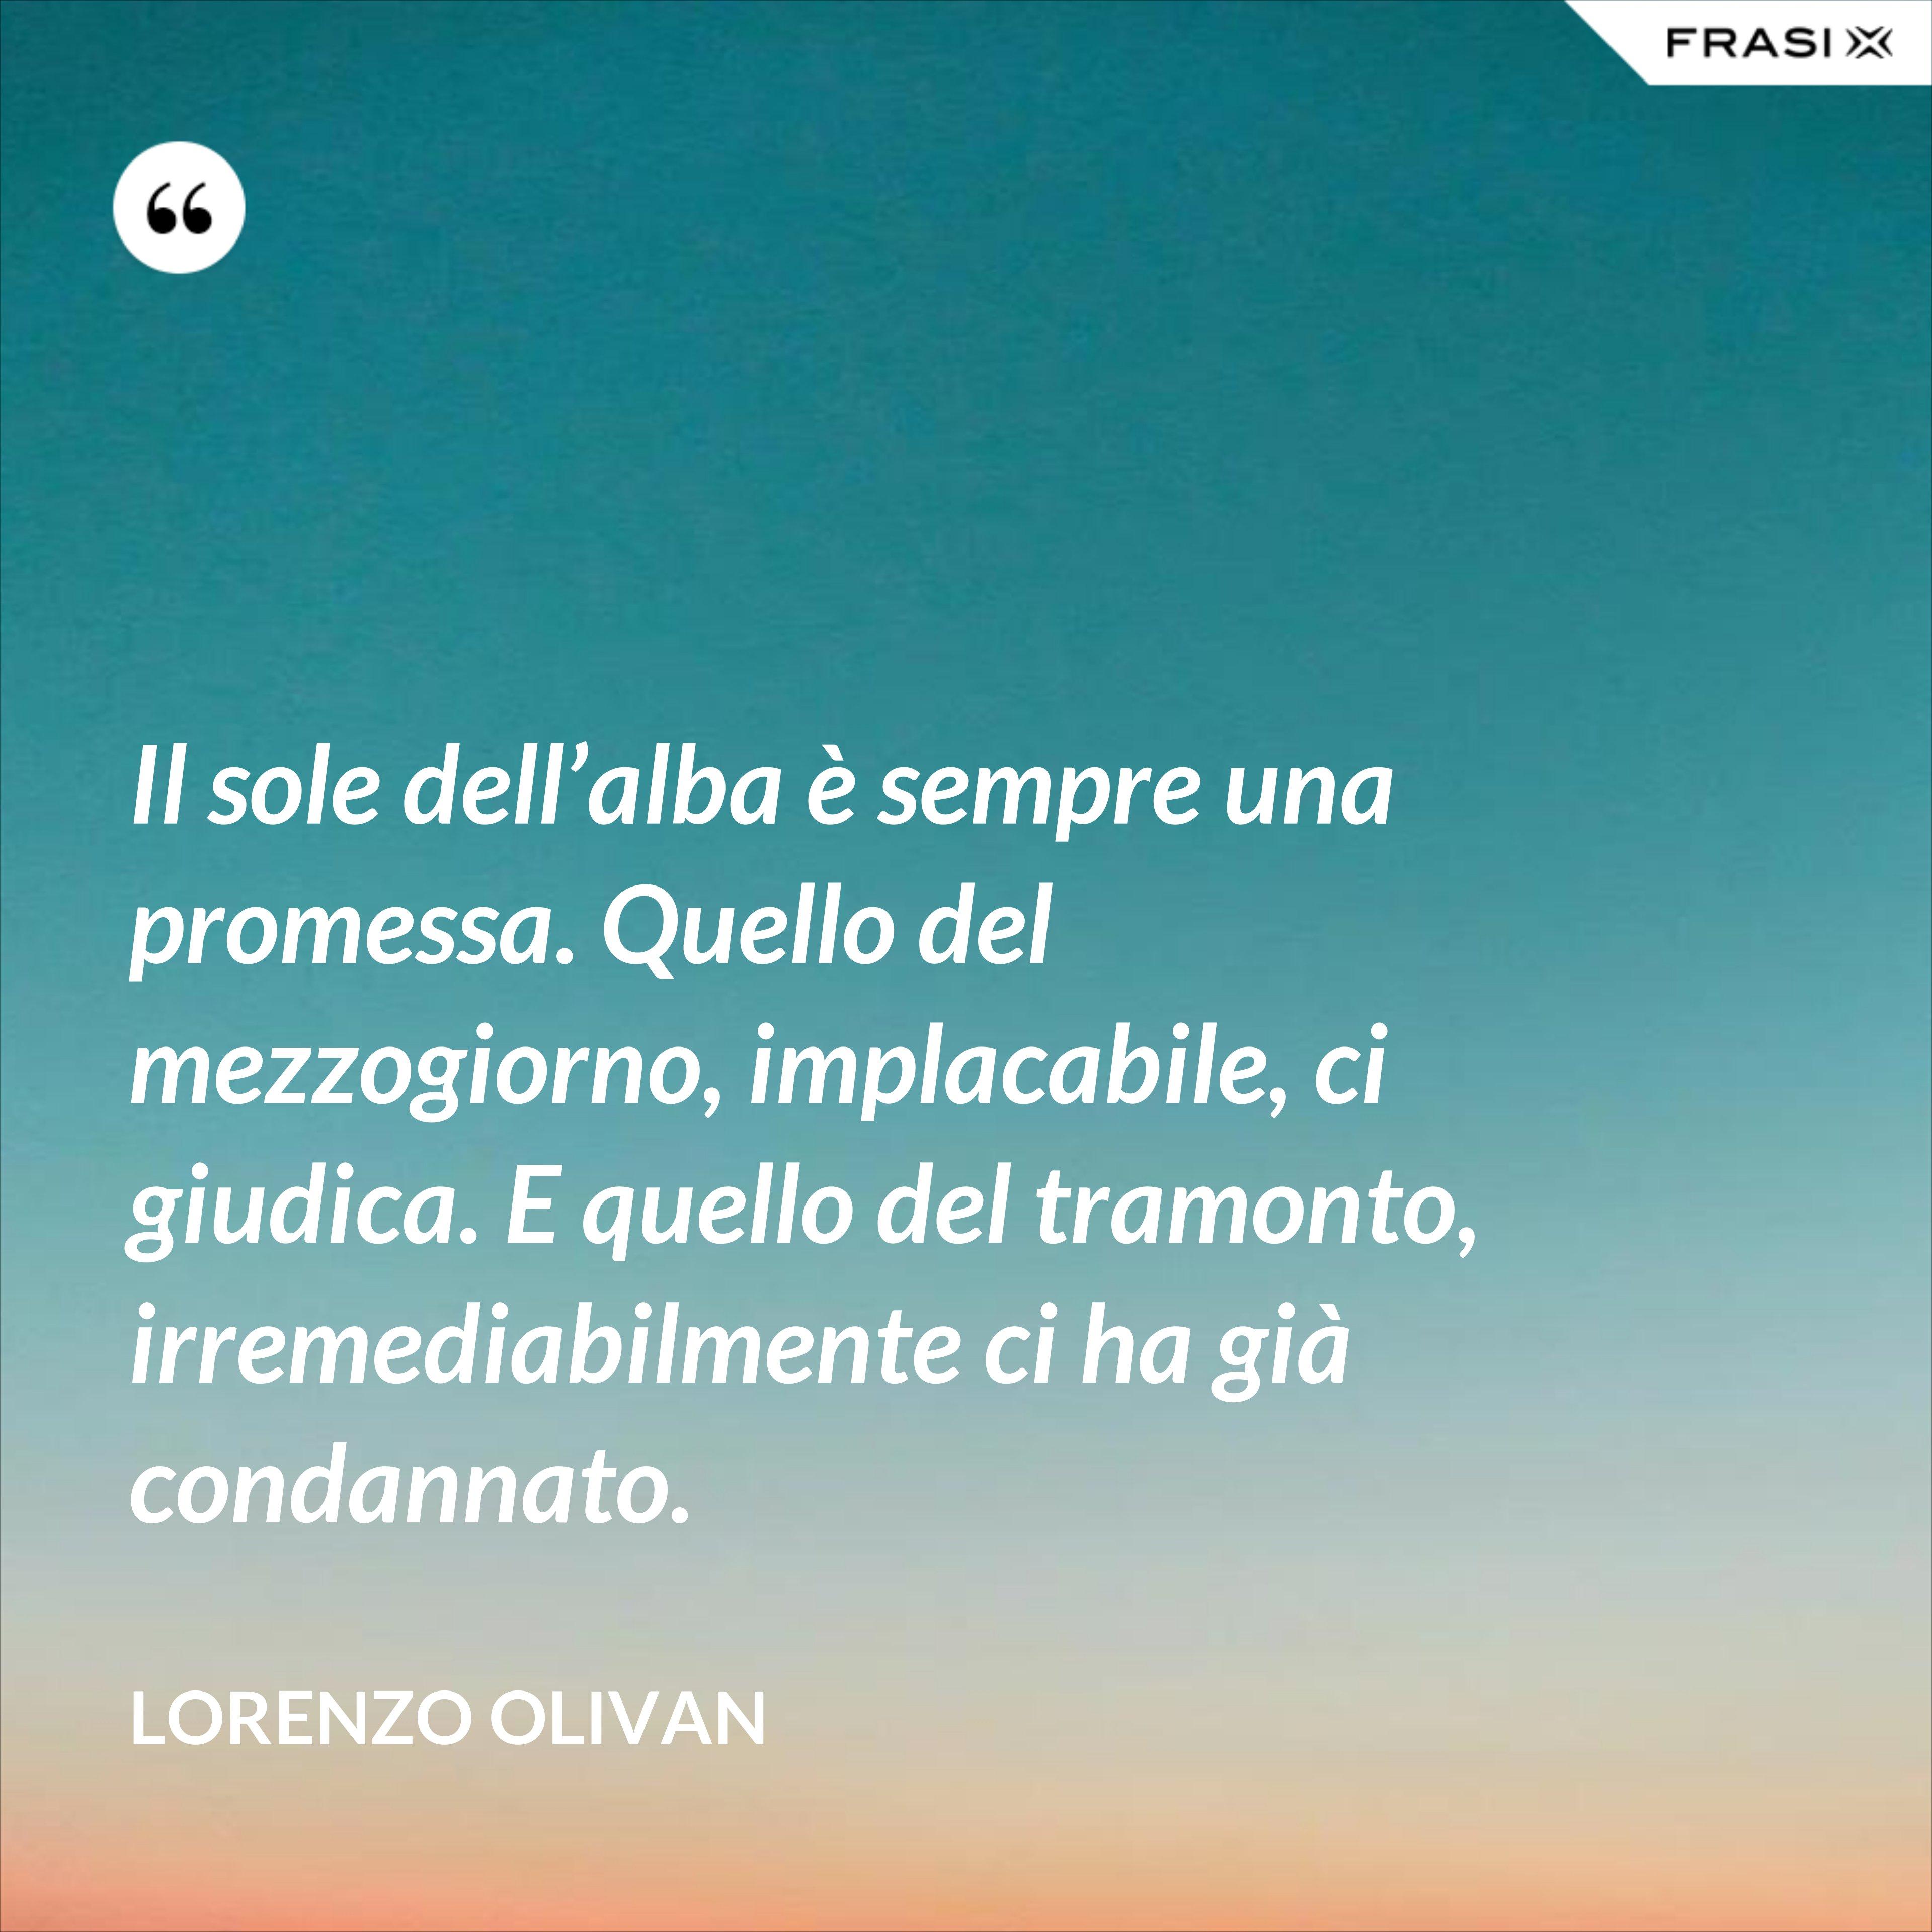 Il sole dell'alba è sempre una promessa. Quello del mezzogiorno, implacabile, ci giudica. E quello del tramonto, irremediabilmente ci ha già condannato. - Lorenzo Olivan